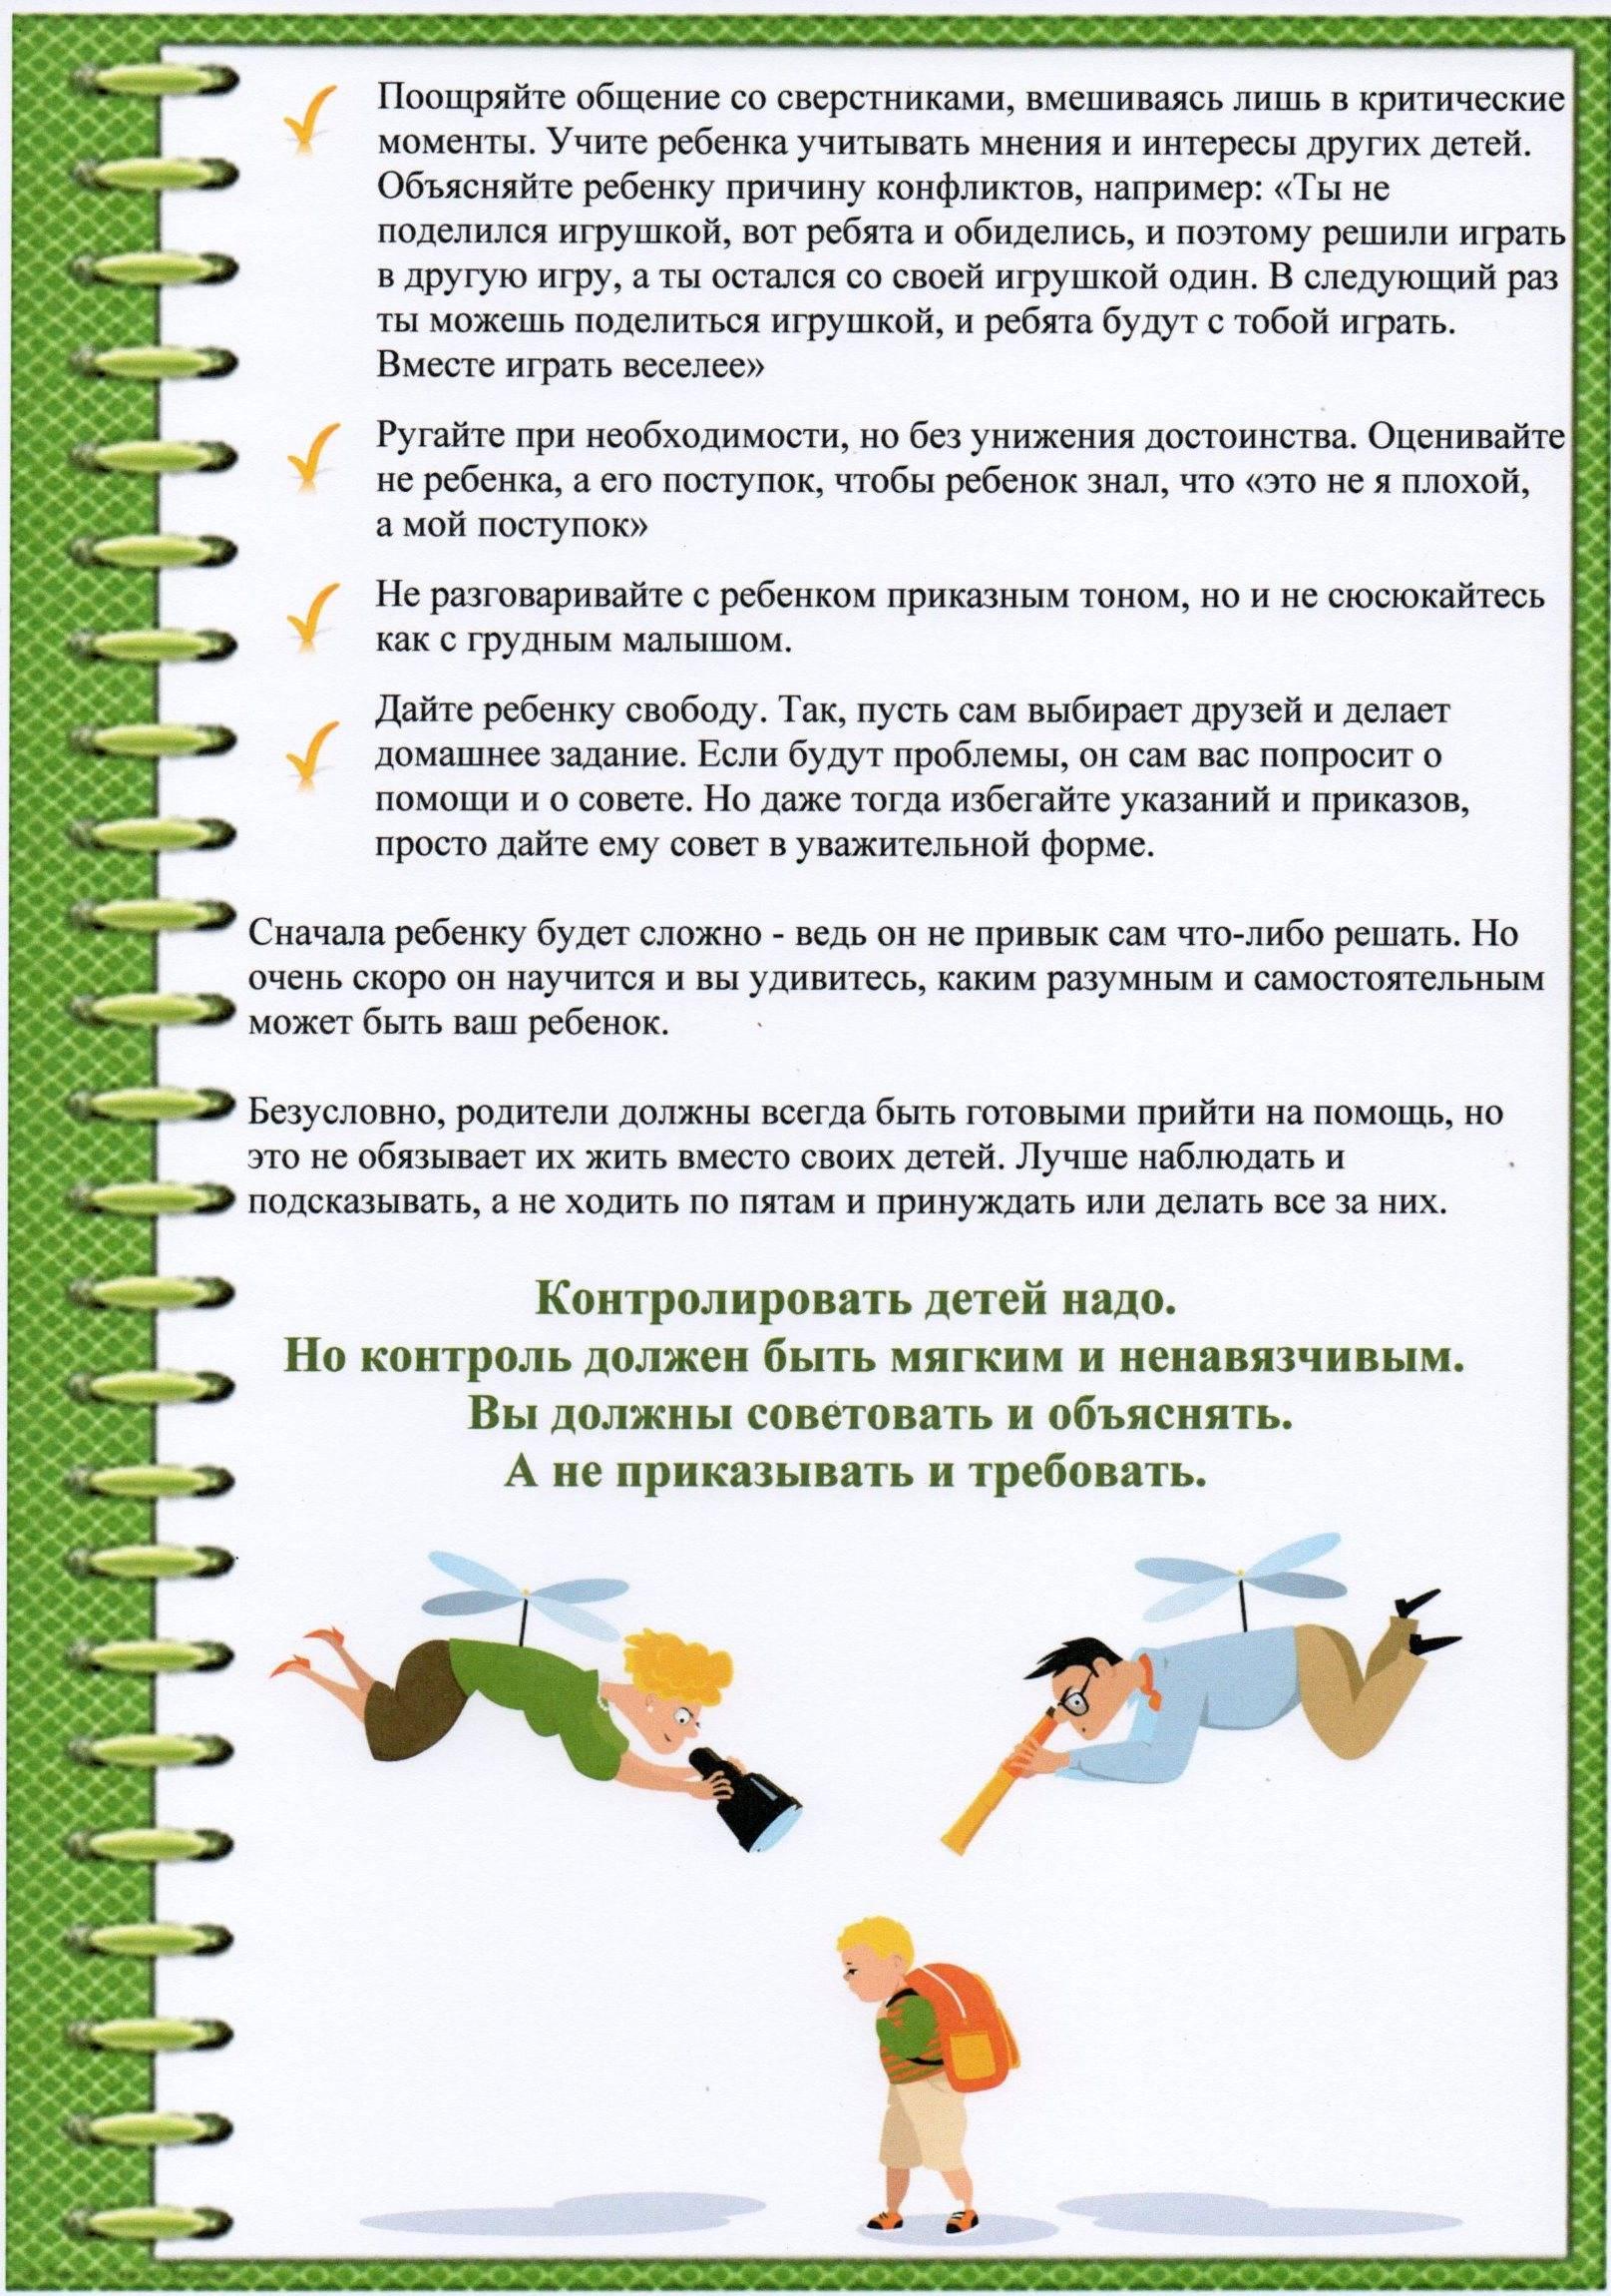 Чем вреден для ребенка гиперконтроль